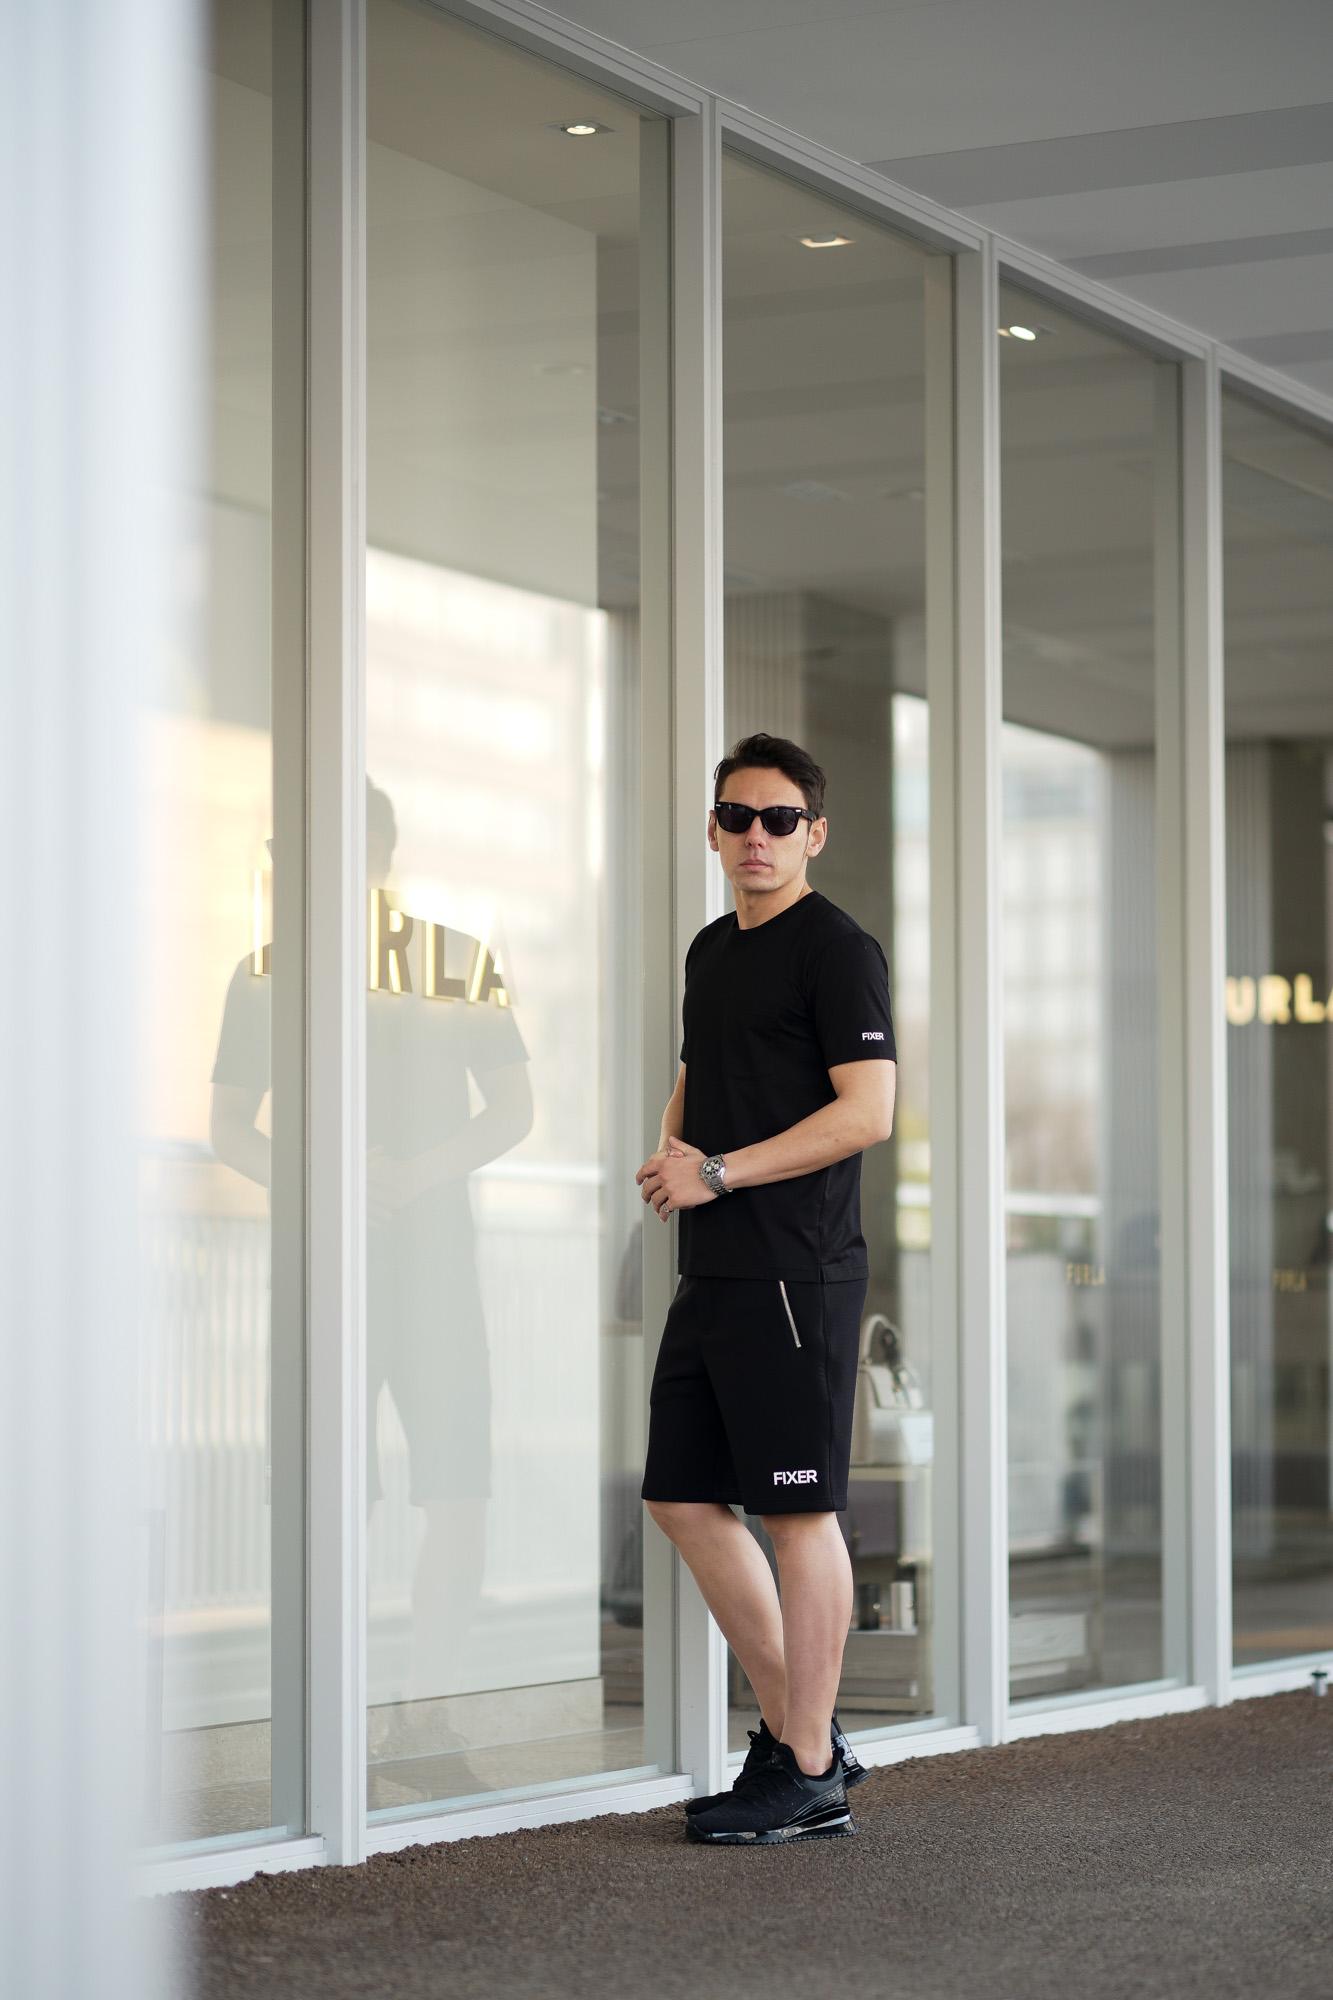 FIXER (フィクサー) FTS-01(エフティーエス01) 2 Print Crew Neck T-shirt 2プリントTシャツ BLACK (ブラック) 【ご予約開始】【2021.4.17(Sat)~2021.5.03(Mon)】 愛知 名古屋 Alto e Diritto altoediritto アルトエデリット Tシャツ スペシャルモデル 半袖TEE